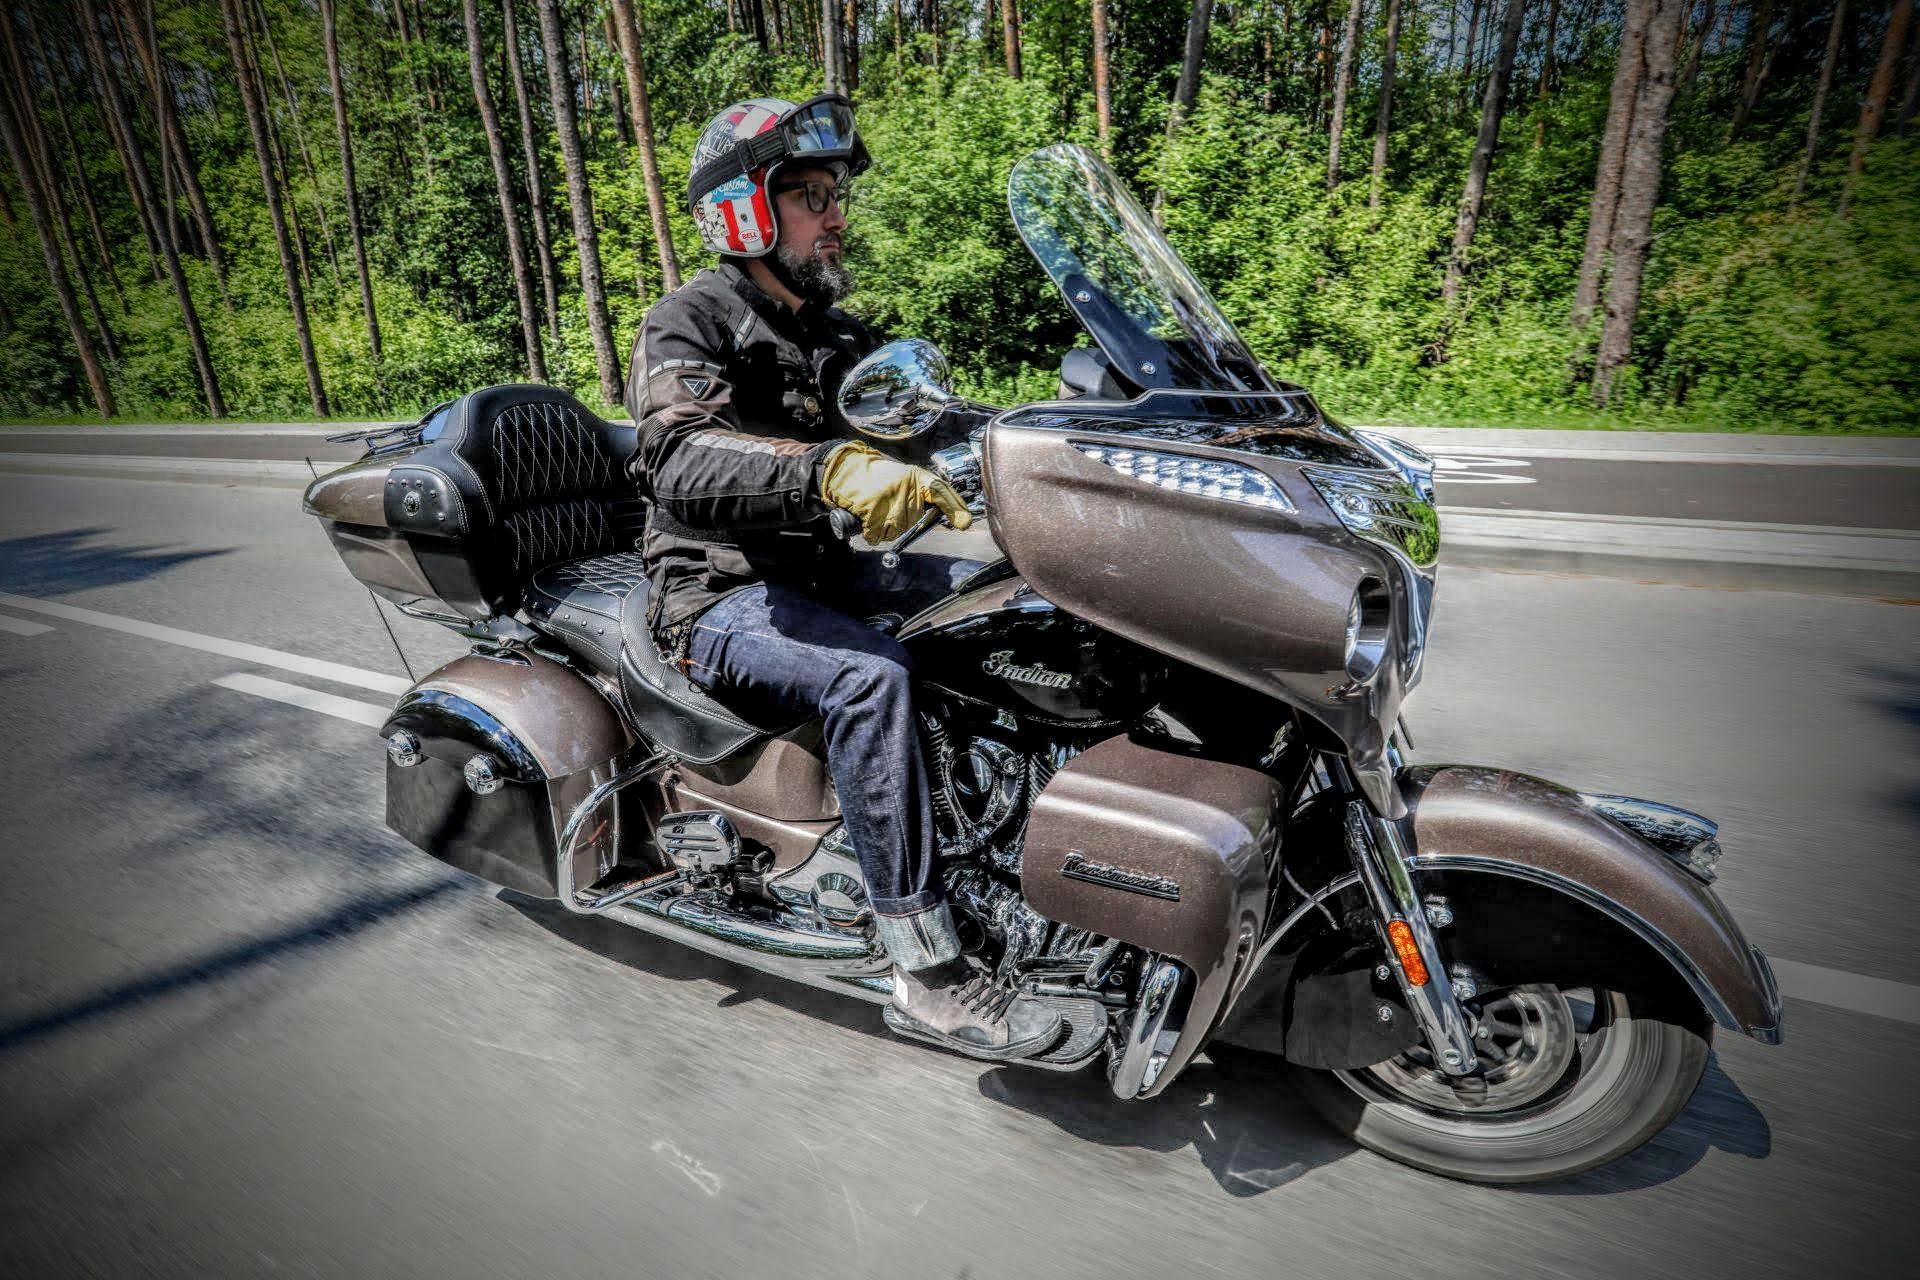 20.07.2018 Warszawa , Motocykle Harley Davidson - Utra Limited oraz Indian Roadmaster testuja Lech Potynski i Michal Mazurek . Fot. Slawomir Kaminski / Agencja Gazeta